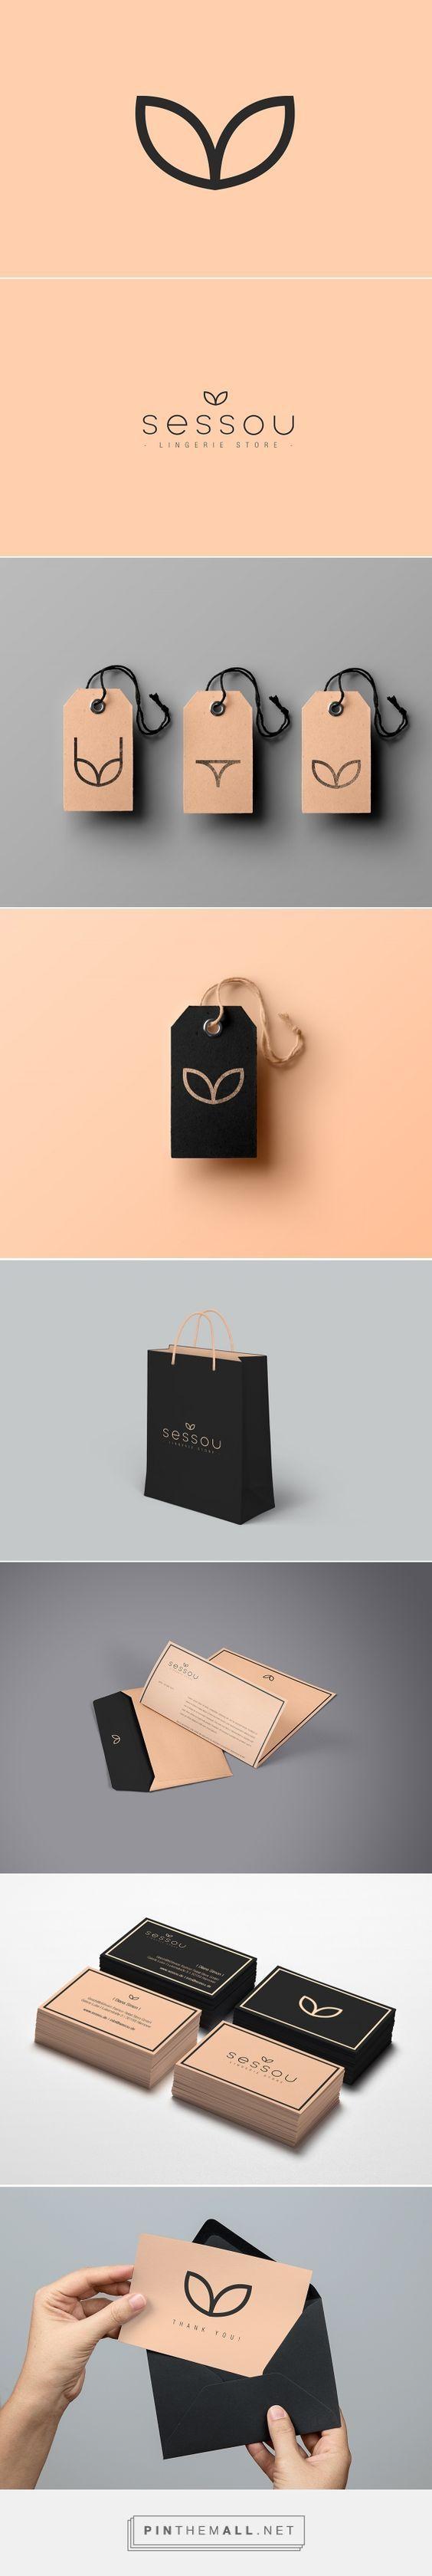 8.Essa é uma identidade visual mais sofisticada e discreta para uma loja de lingeries. O detalhe criativo fica para os símbolos que representam os produtos.  #IdentidadeVisual #Logo #Propaganda #Branding #Creative #TudoMarketing #TudoMkt